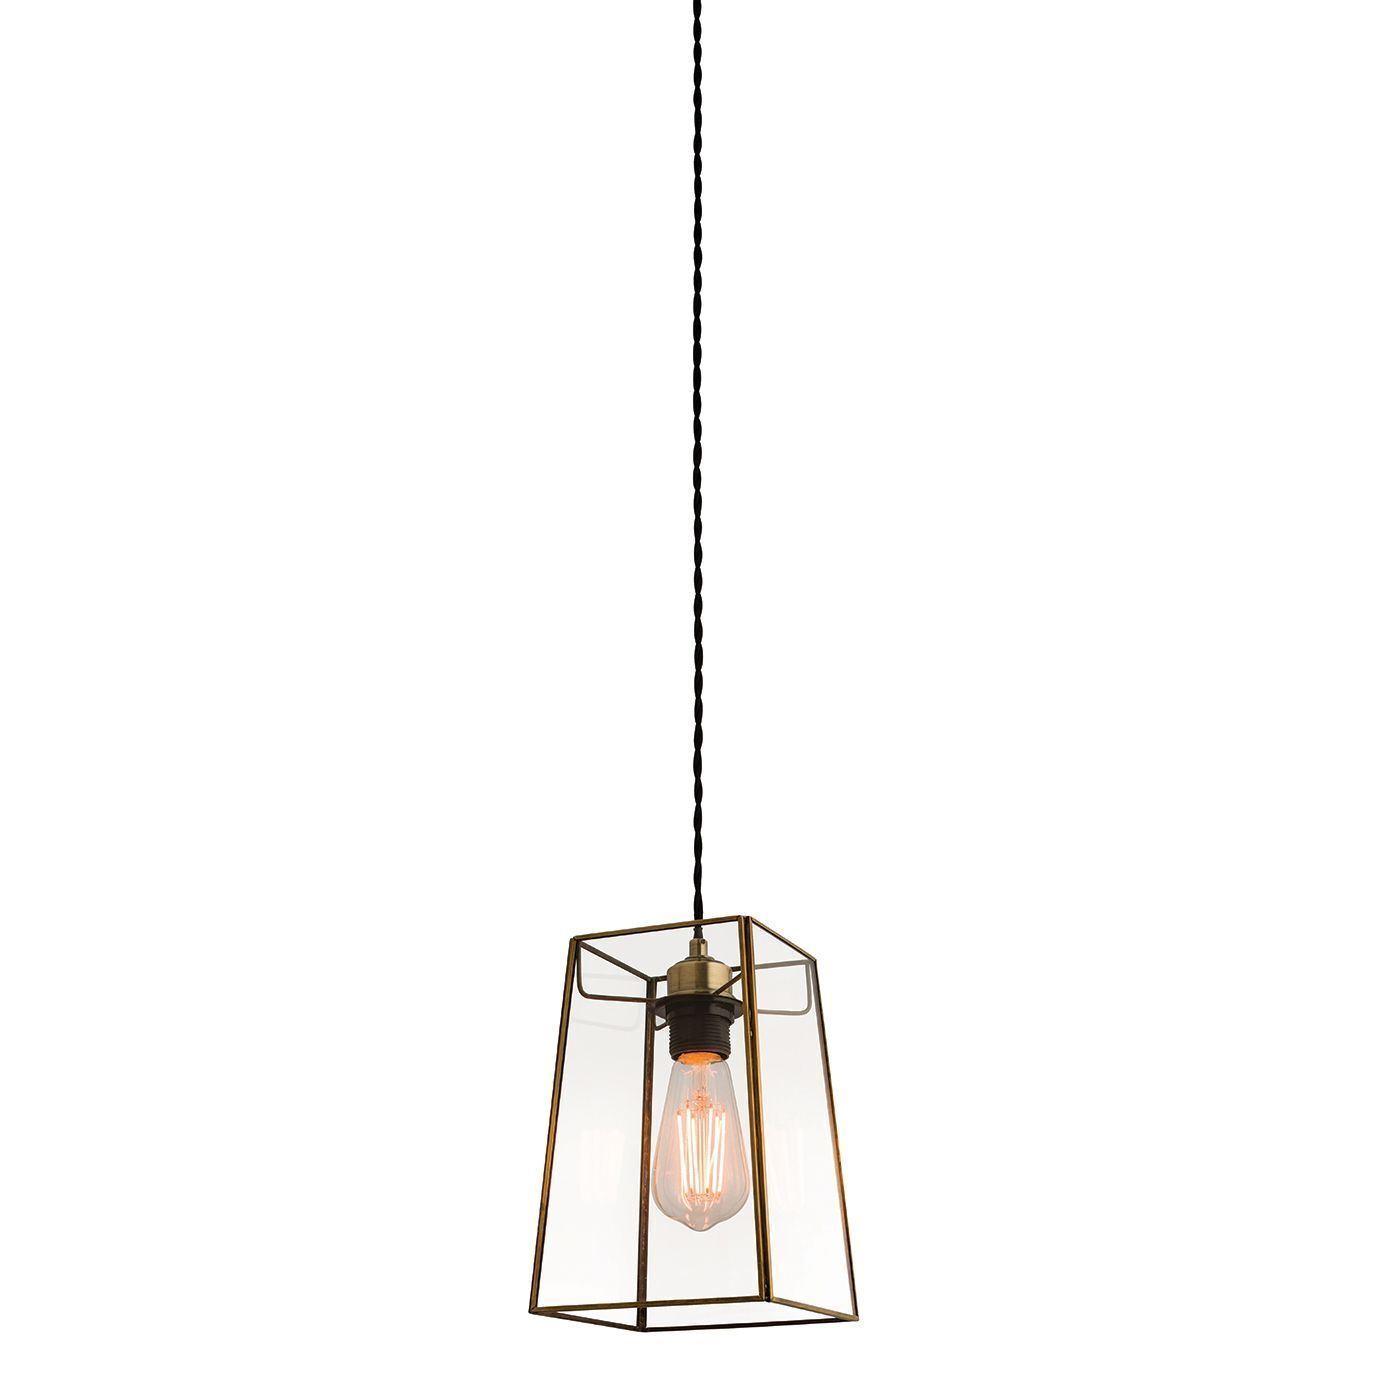 Endon Lighting Beaumont No - Eléctrico Colgante 60 W - No 60892 - 44427d